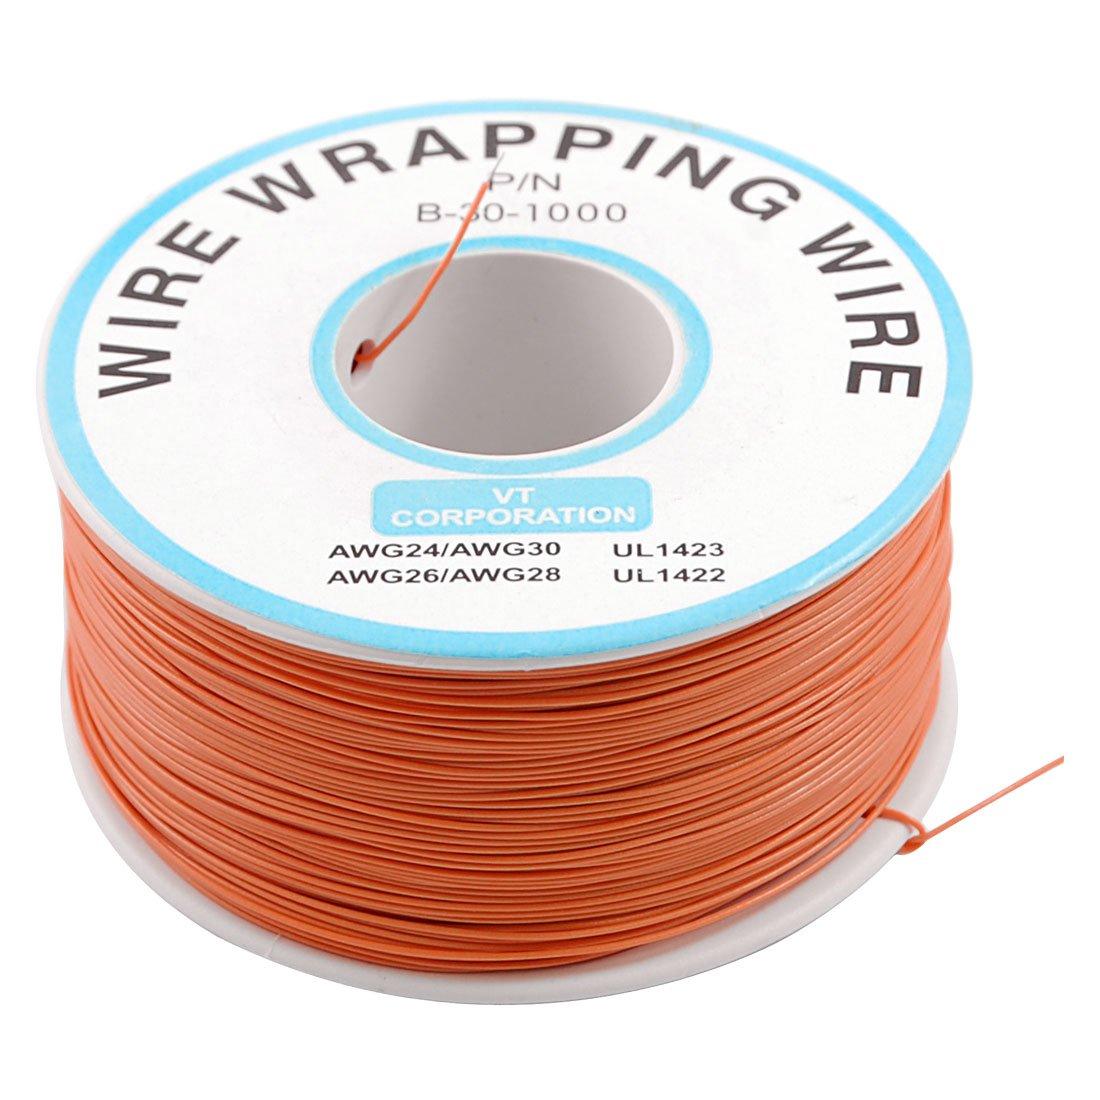 PCB припой Оранжевый Гибкий 0,5 мм наружный диаметр 30AWG обертывание провода 1000Ft